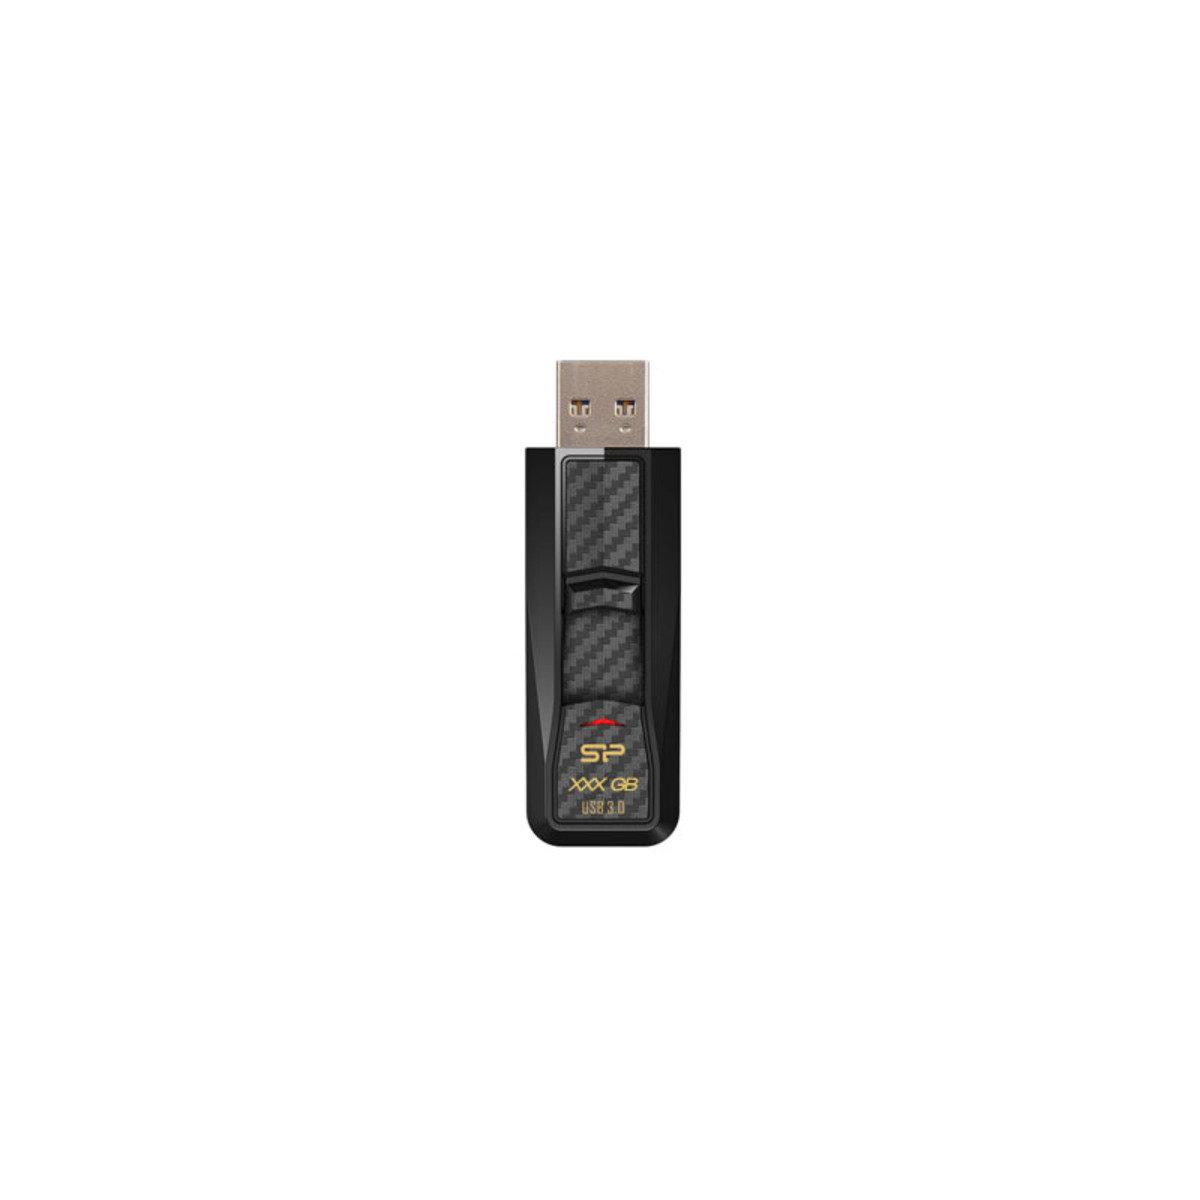 高速USB3.0快閃記憶棒 32GB Blaze B50 黑色